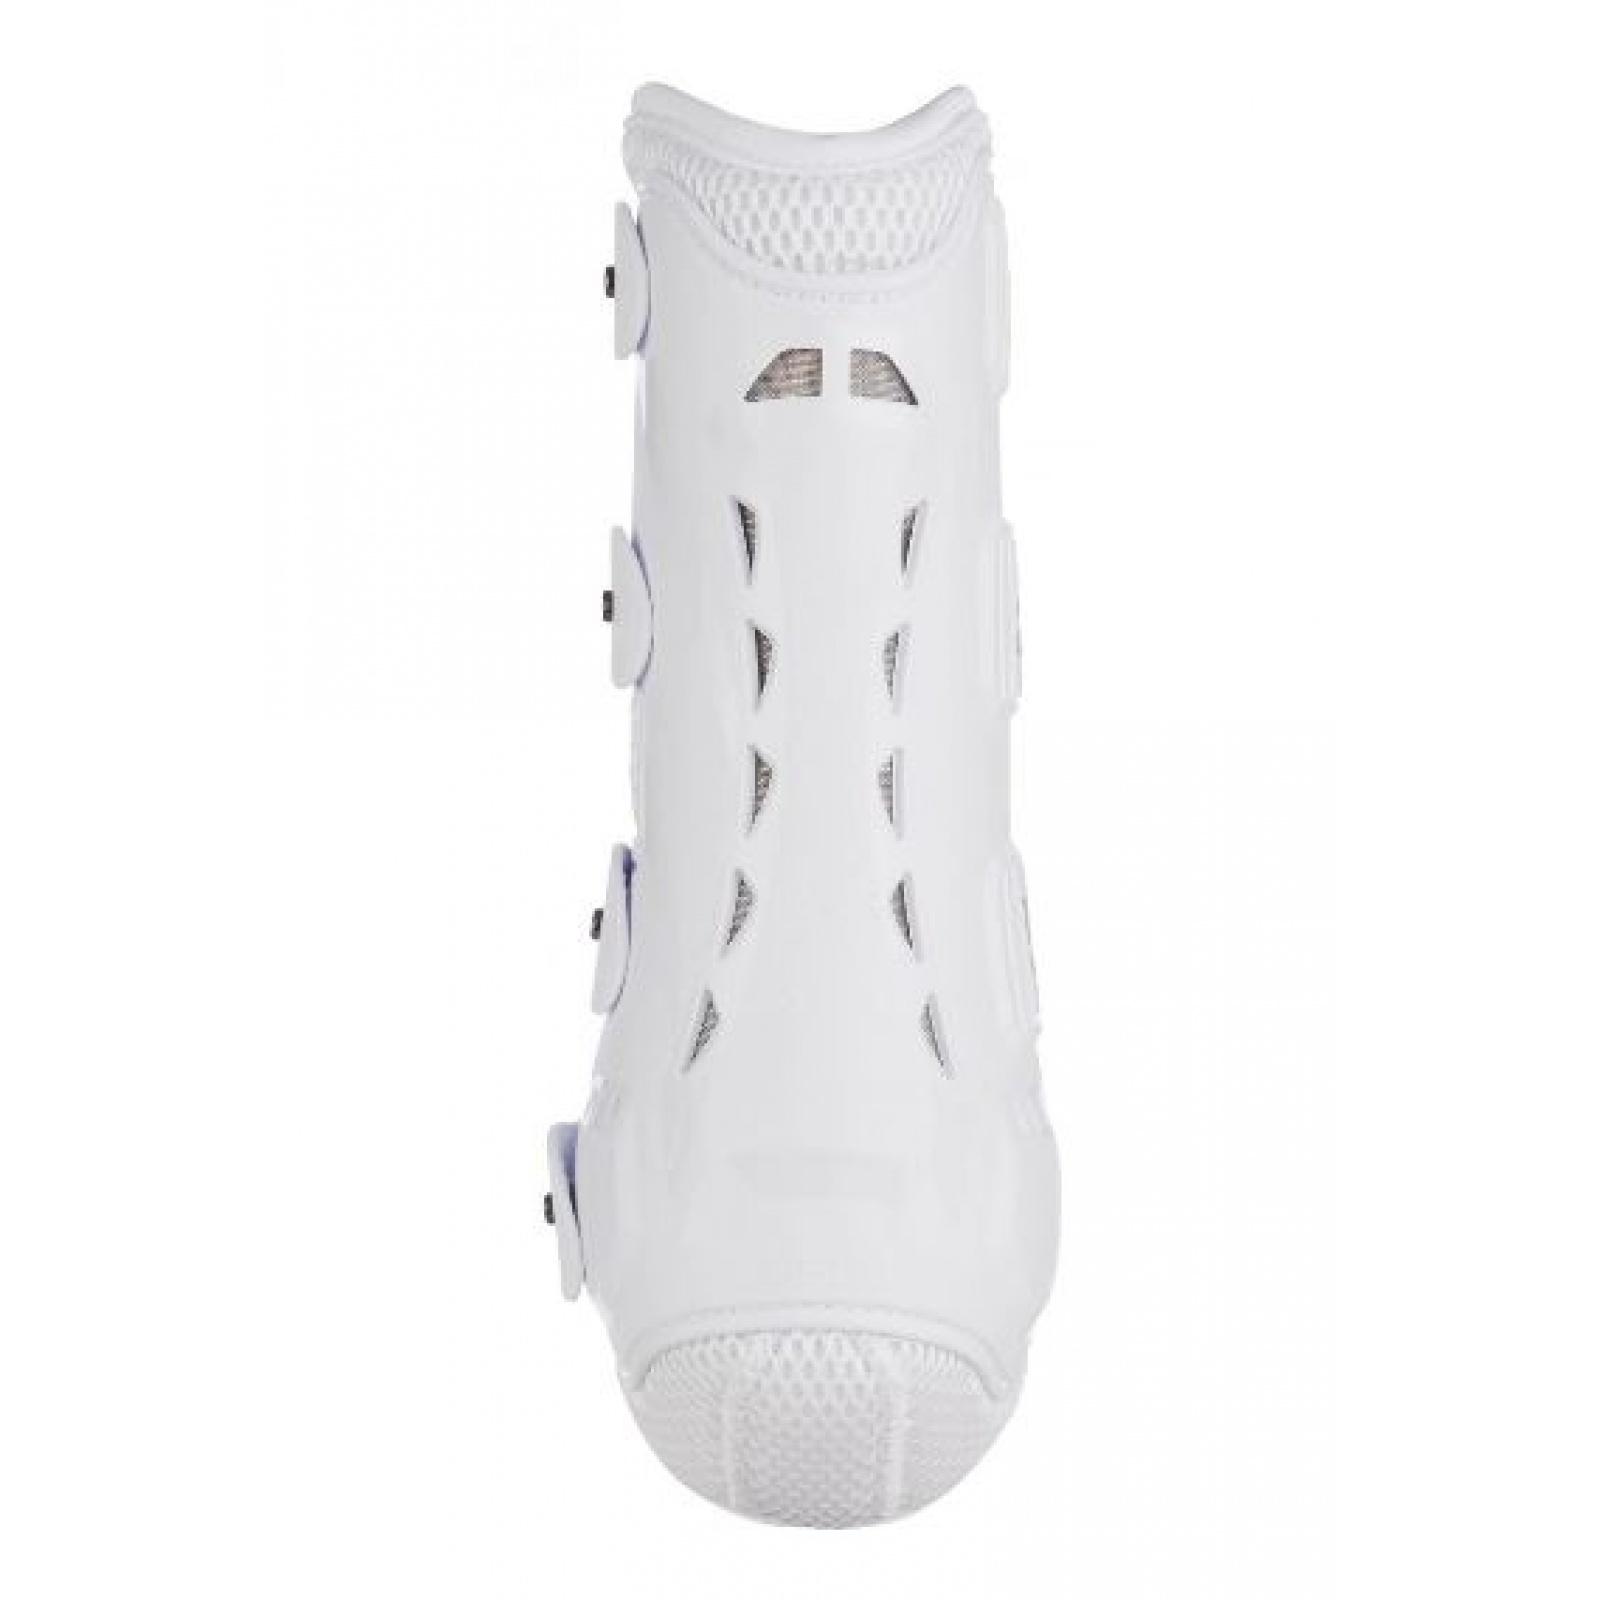 LeMieux-Snug-Boot-Pro-Dressage-Schooling-Boots-Hind miniature 8